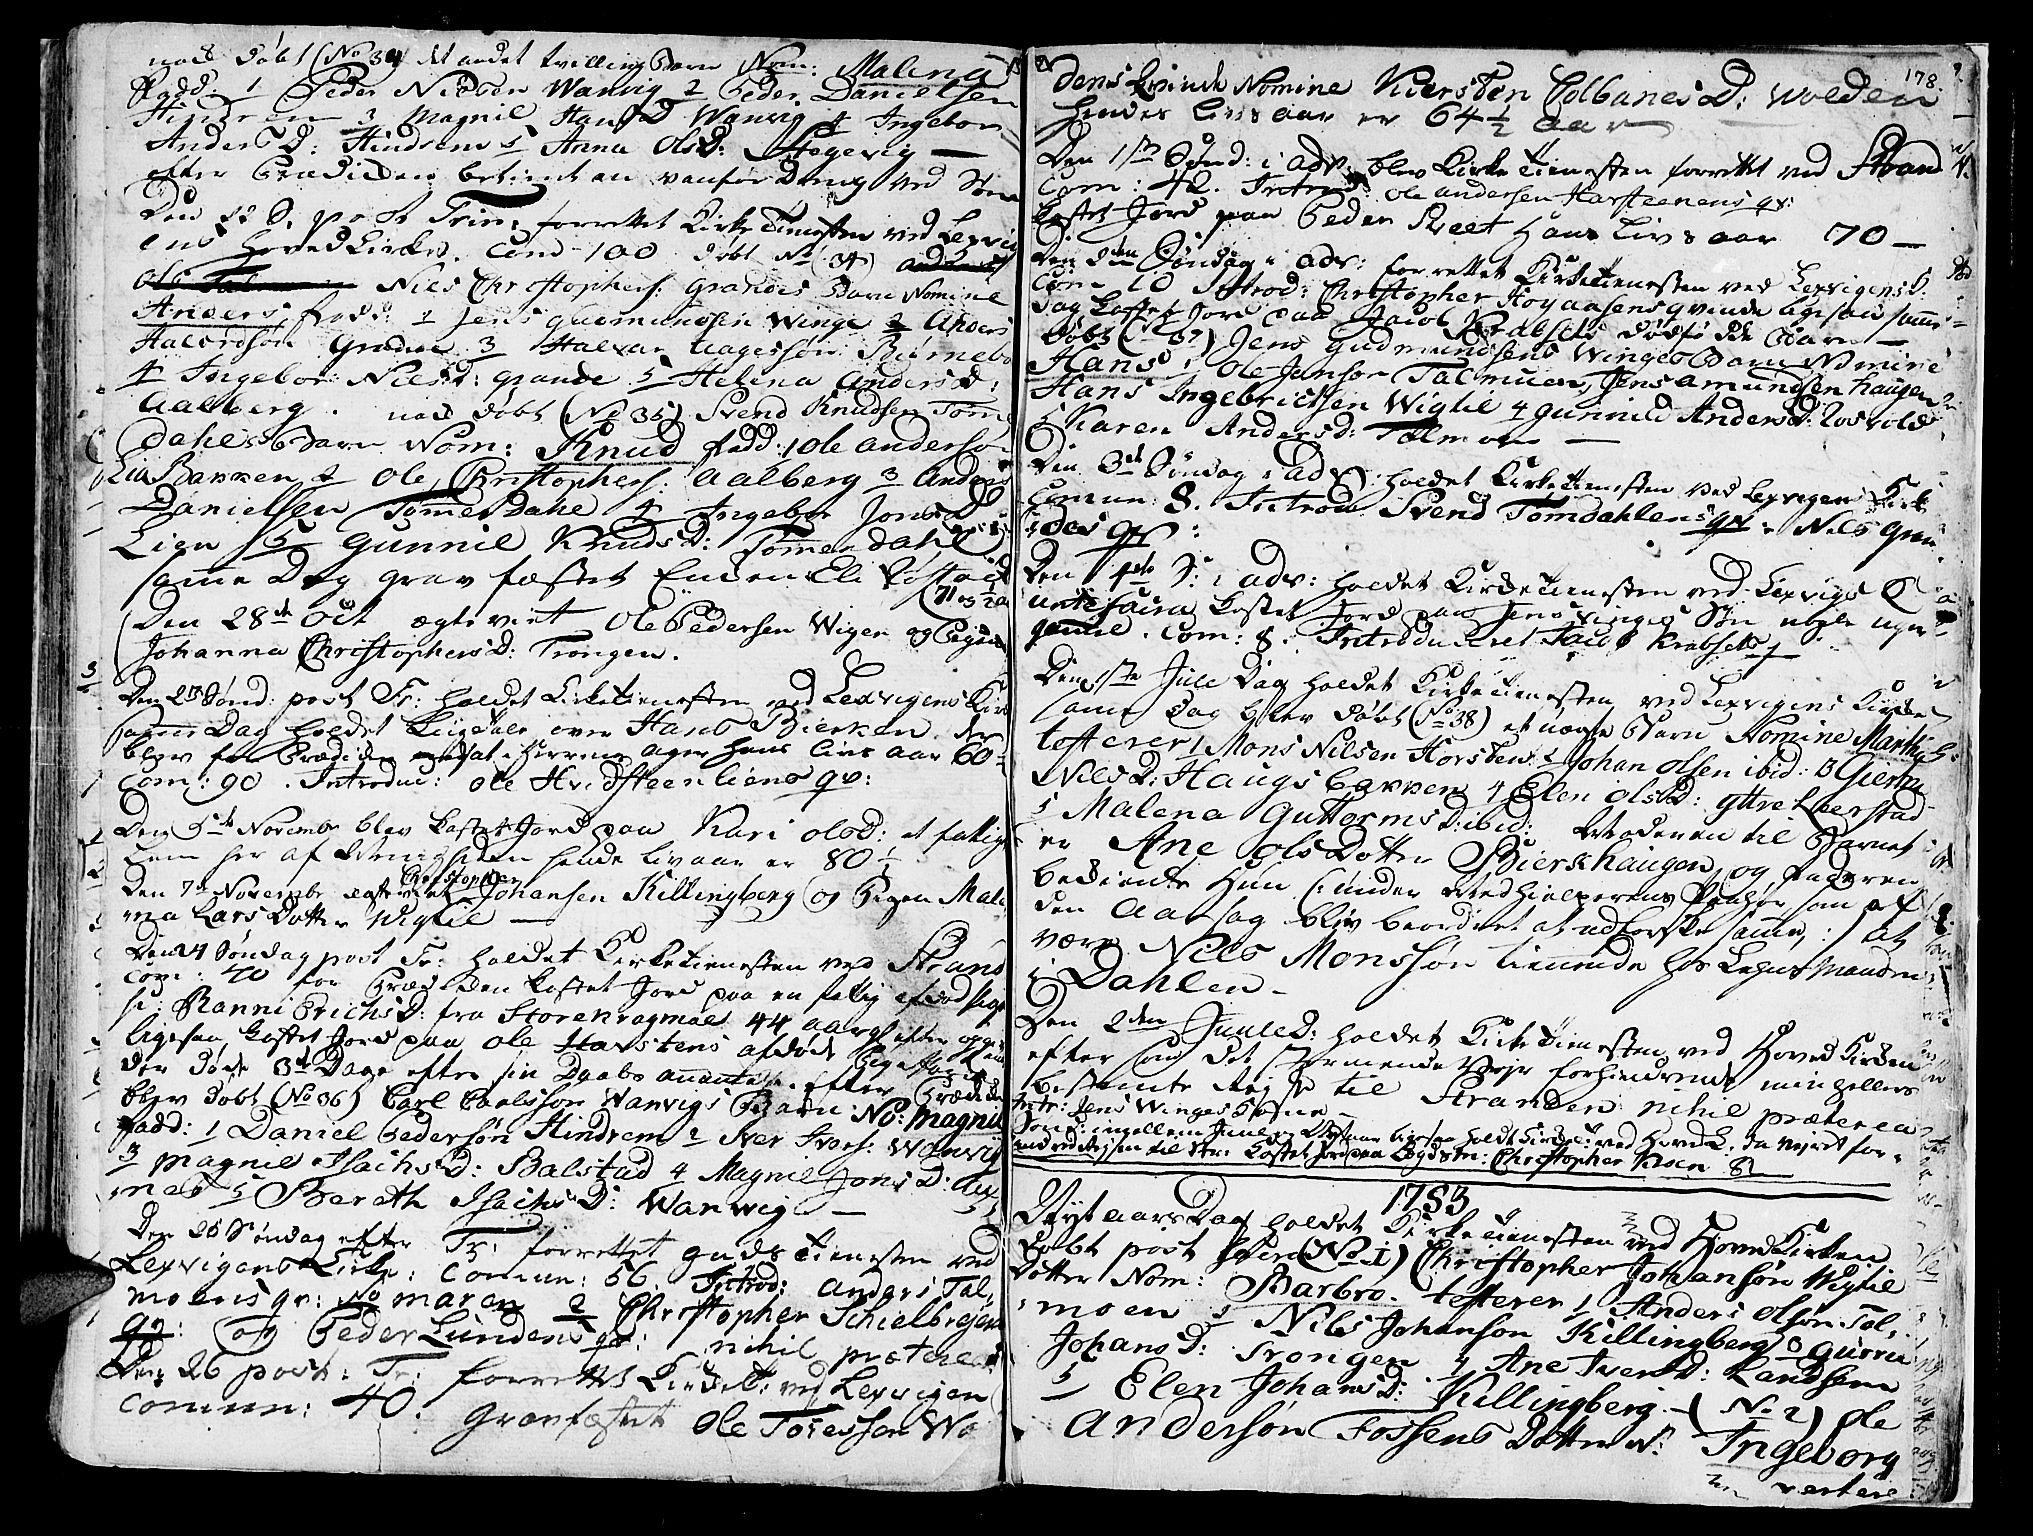 SAT, Ministerialprotokoller, klokkerbøker og fødselsregistre - Nord-Trøndelag, 701/L0003: Ministerialbok nr. 701A03, 1751-1783, s. 178